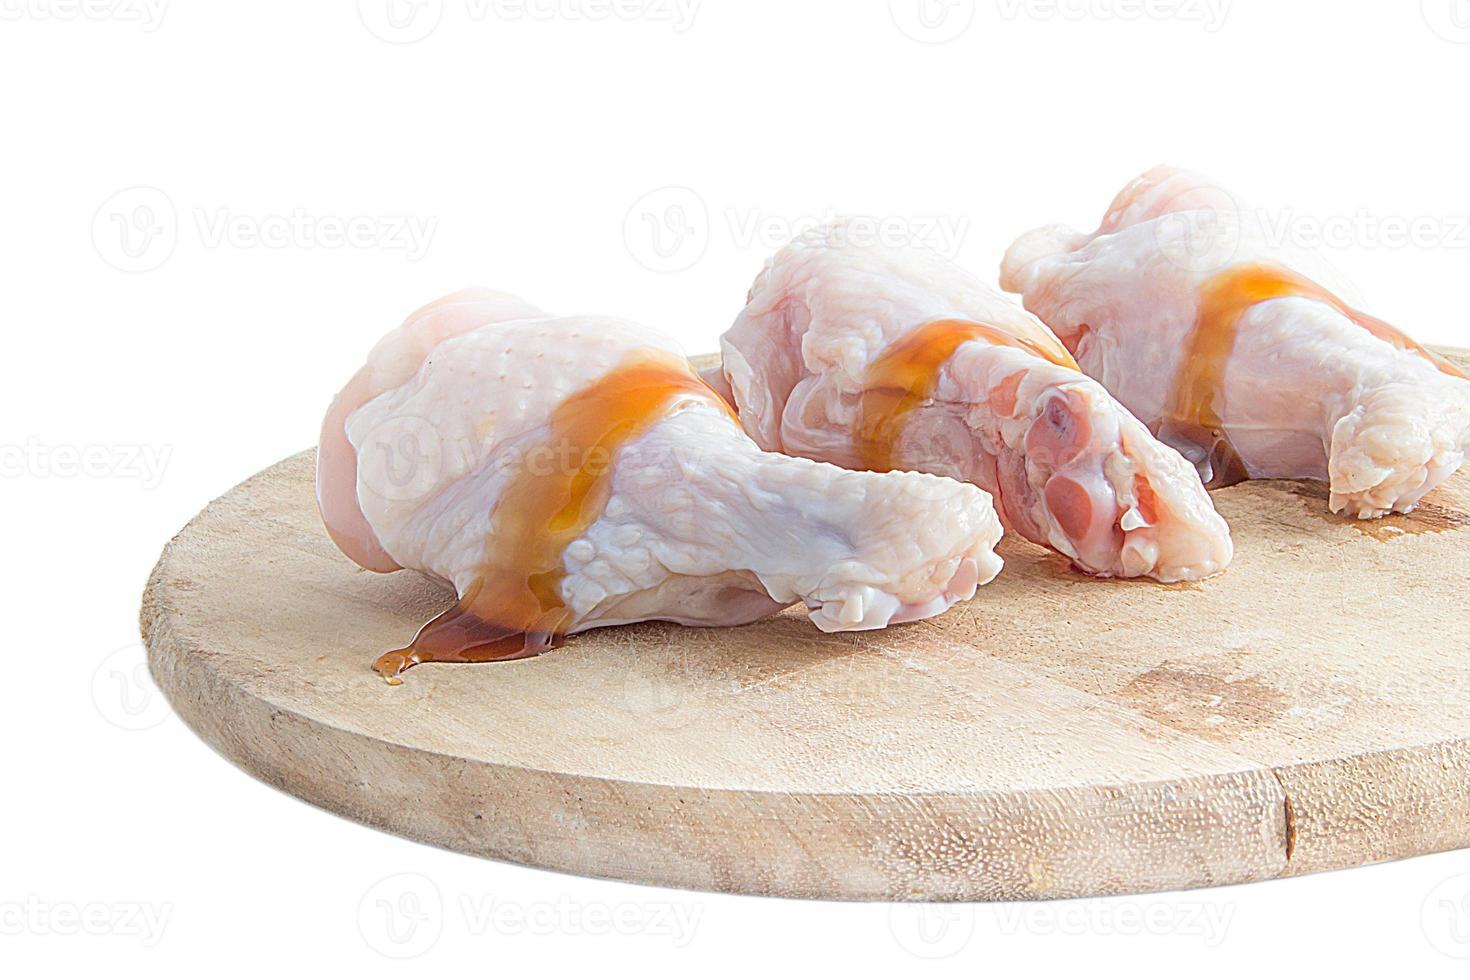 rå kycklingben på träskärbrädor på vit bakgrund foto